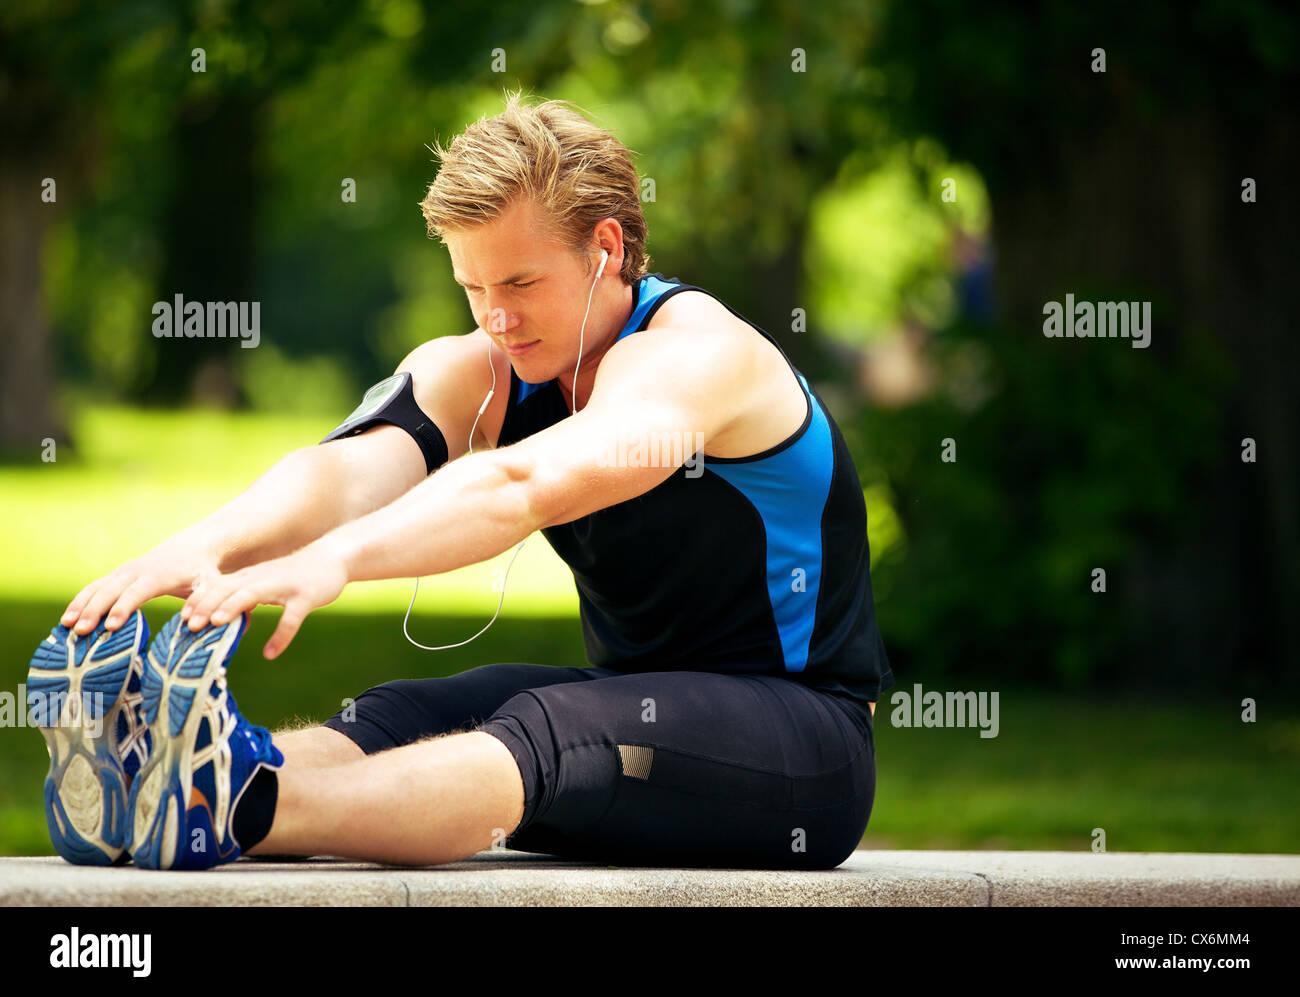 Atractivo atleta haciendo su ejercicio de estiramiento Imagen De Stock